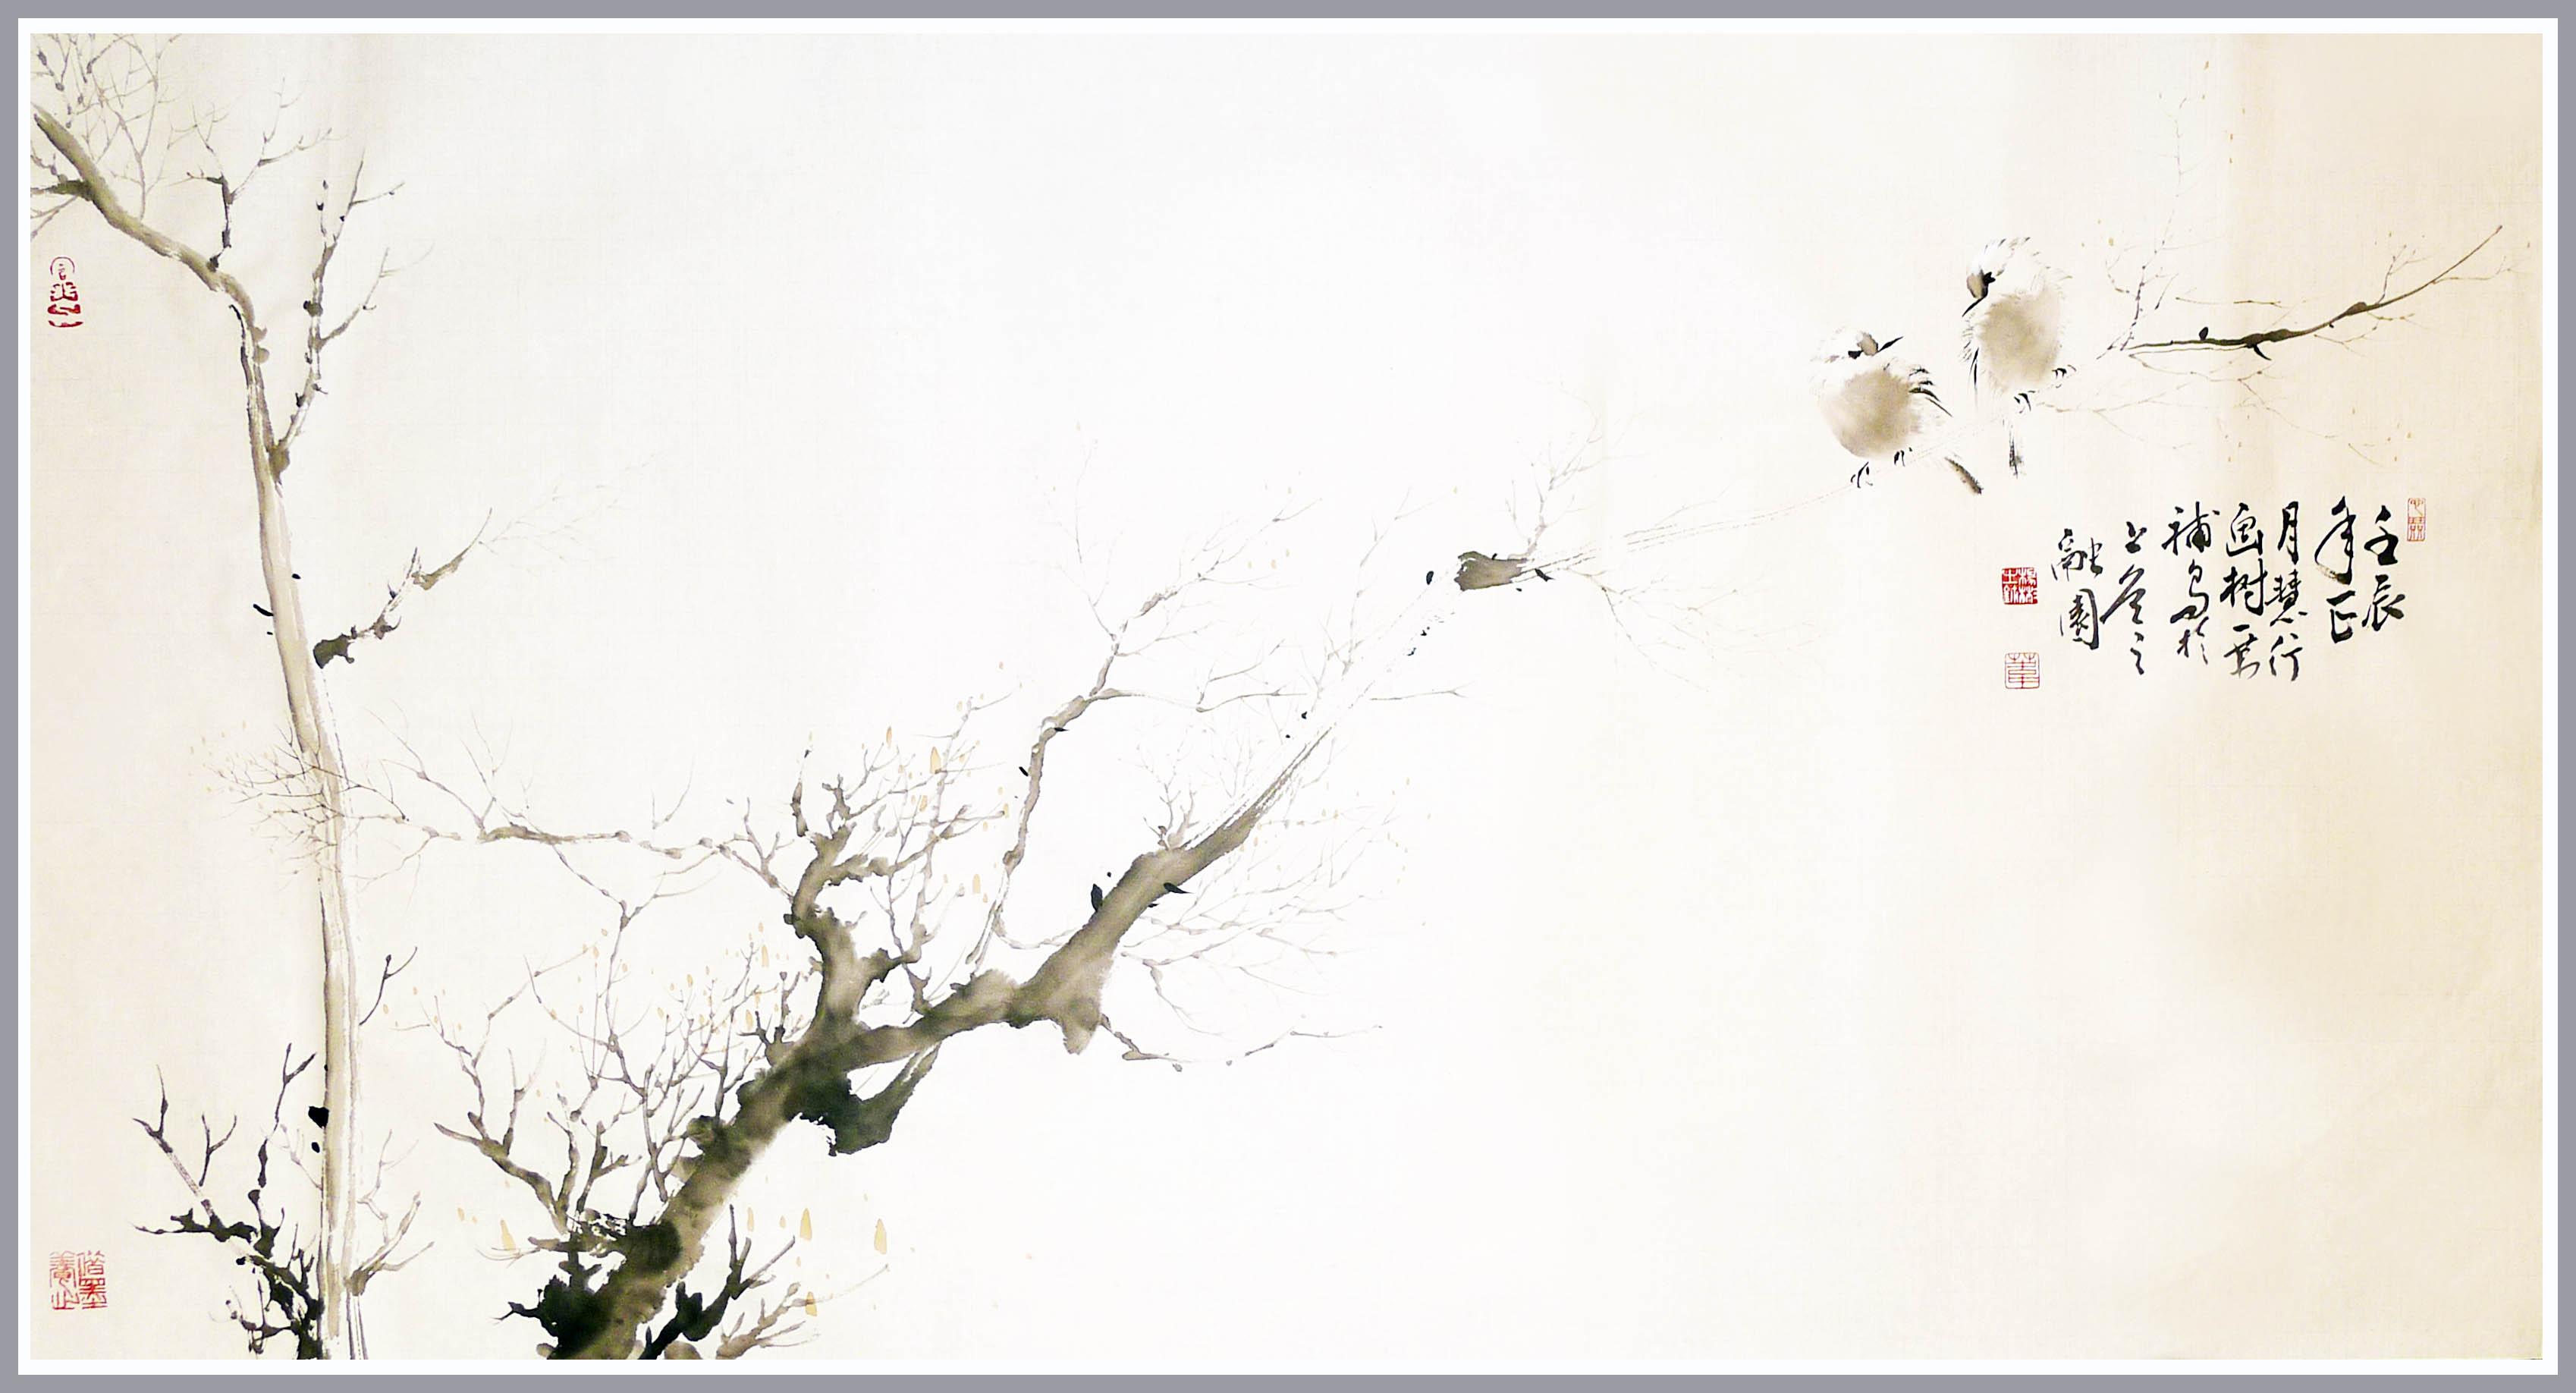 慧行画树、一苇写鸟——沐春图2(壬辰谷雨于上谷融园)